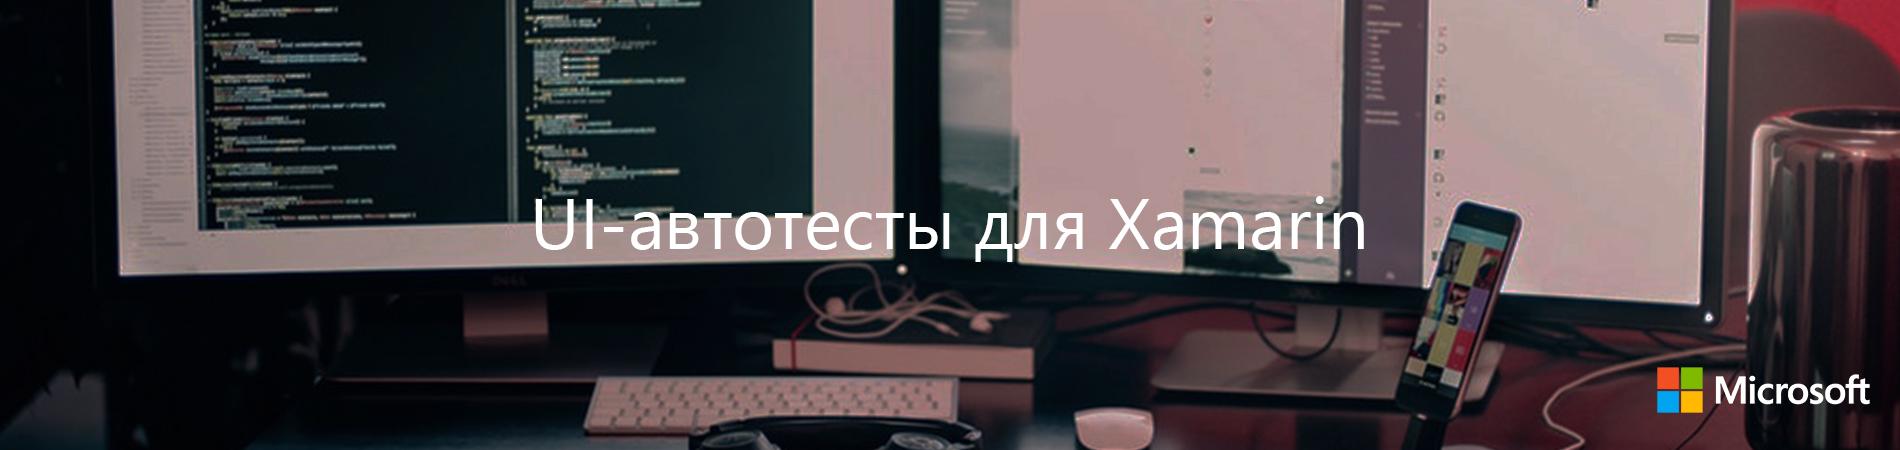 UI-автотесты для Xamarin